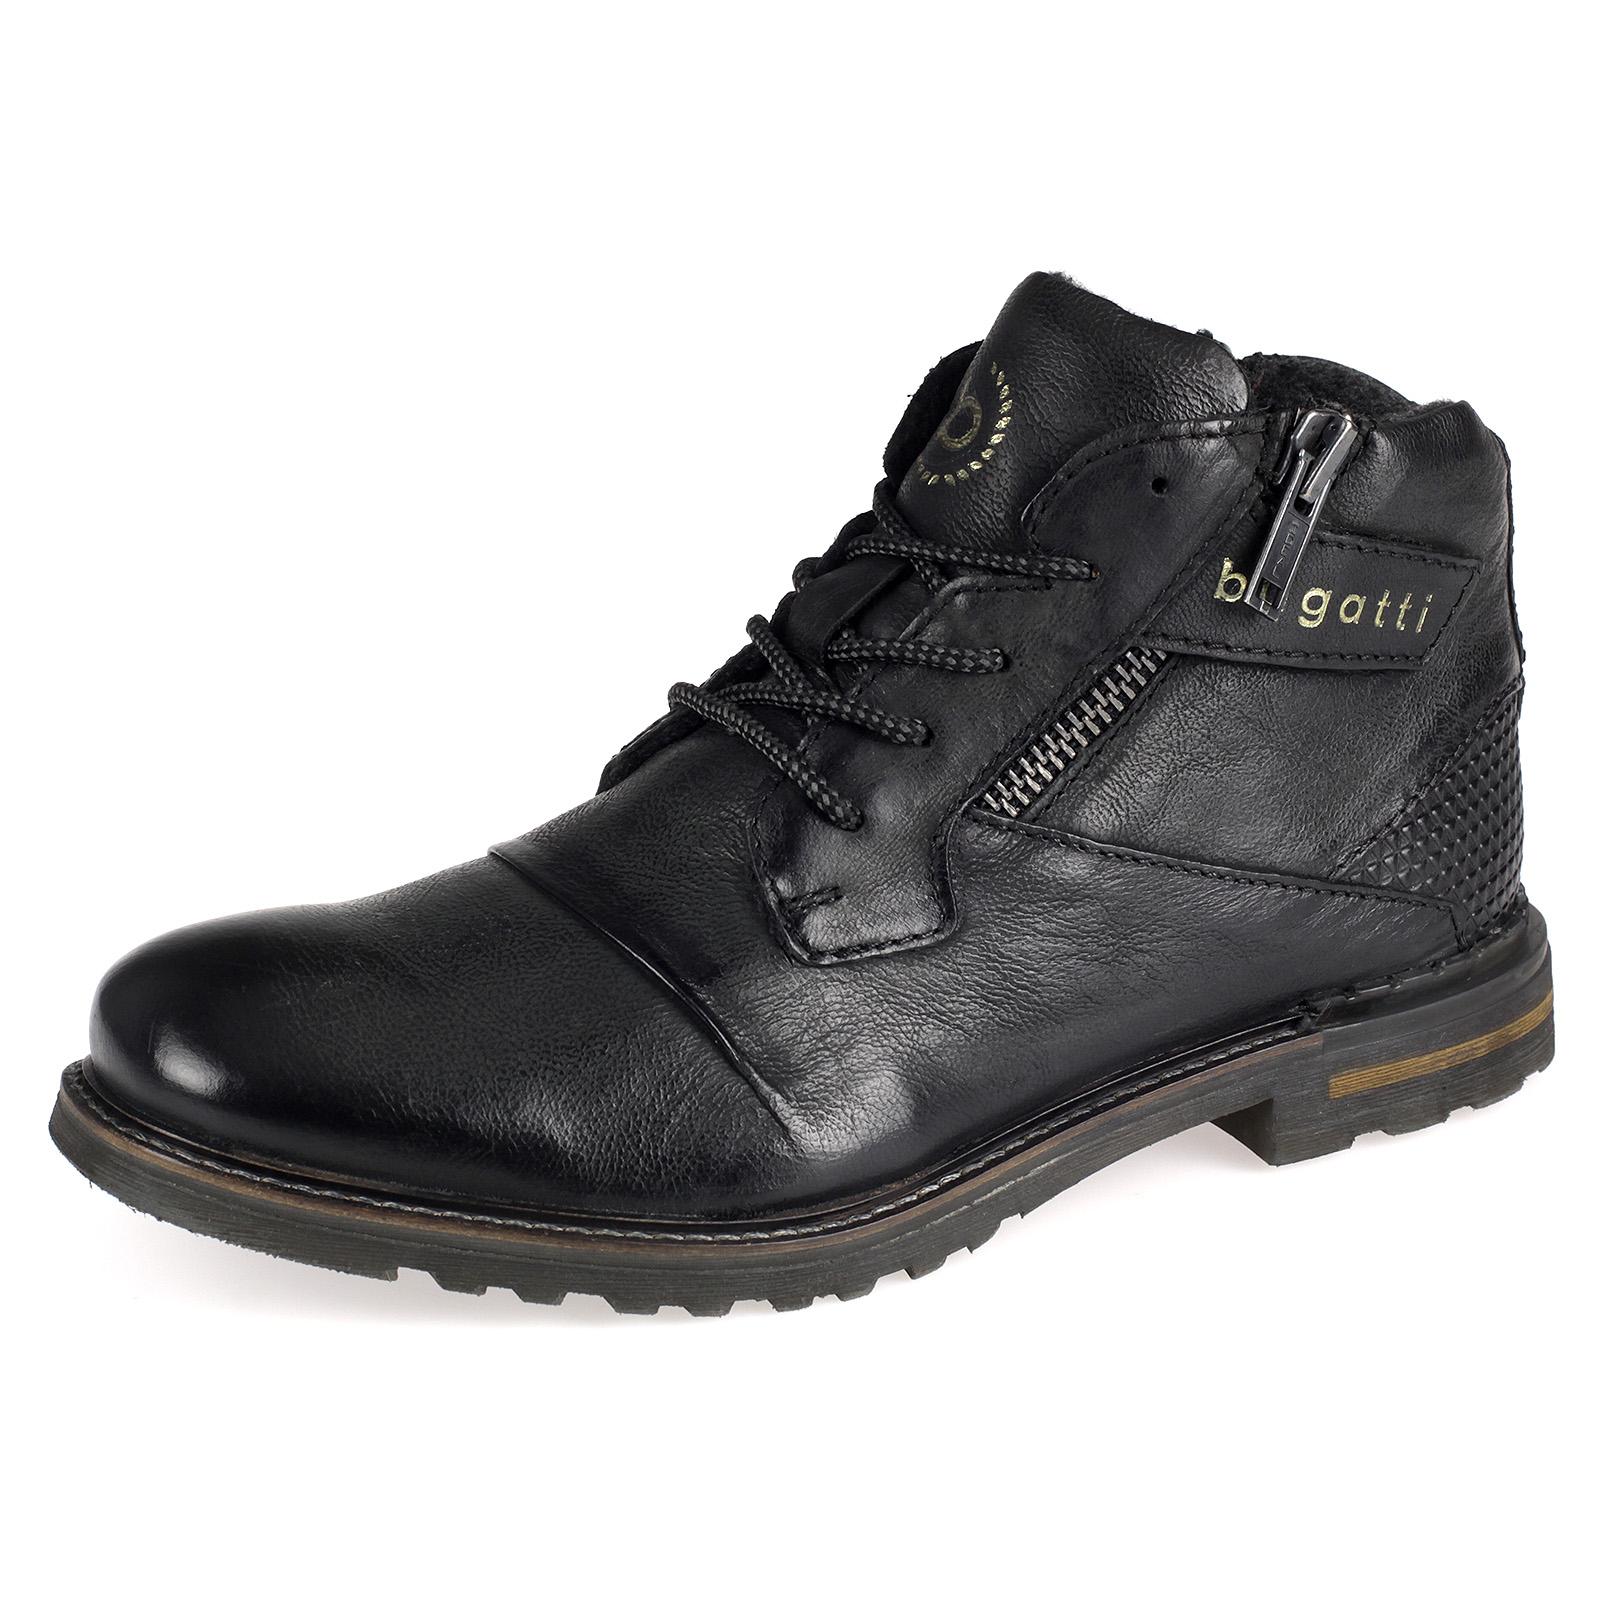 Bugatti Herren Schuhe Boots Stiefel Stiefeletten Leder schwarz